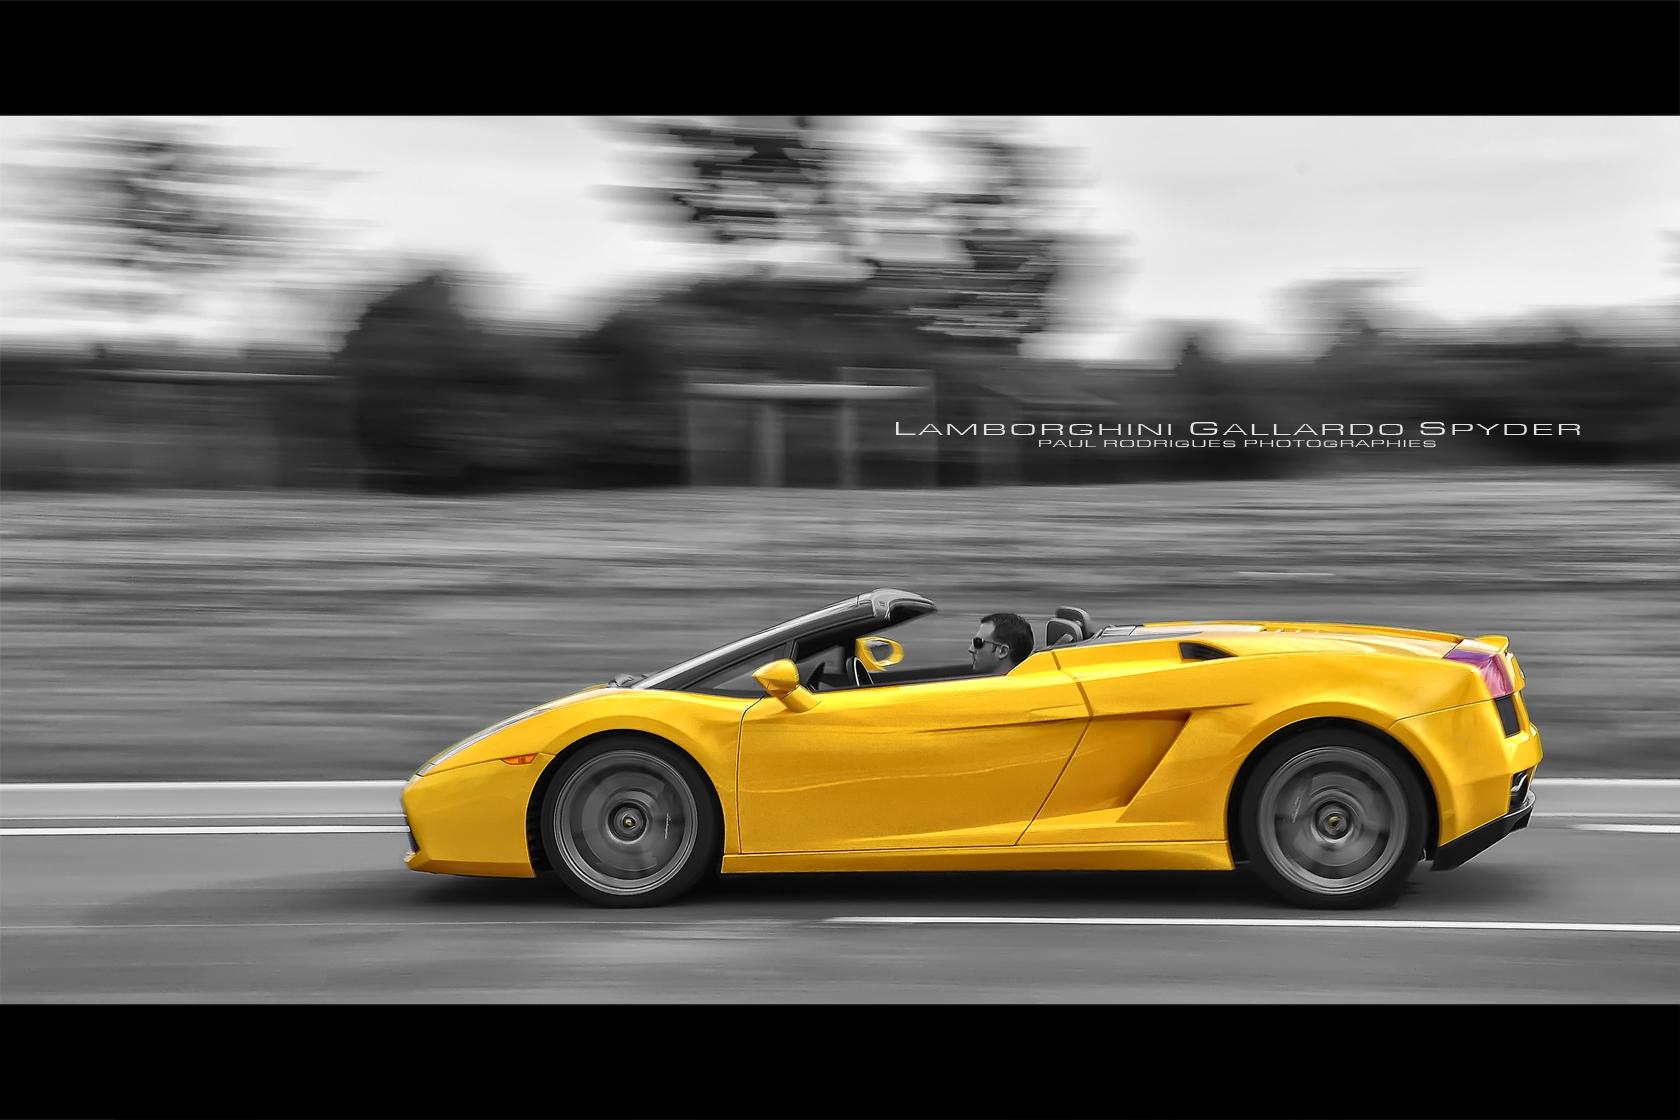 Wallpaper Supercars Yellow Nikon France Lamborghini Gallardo